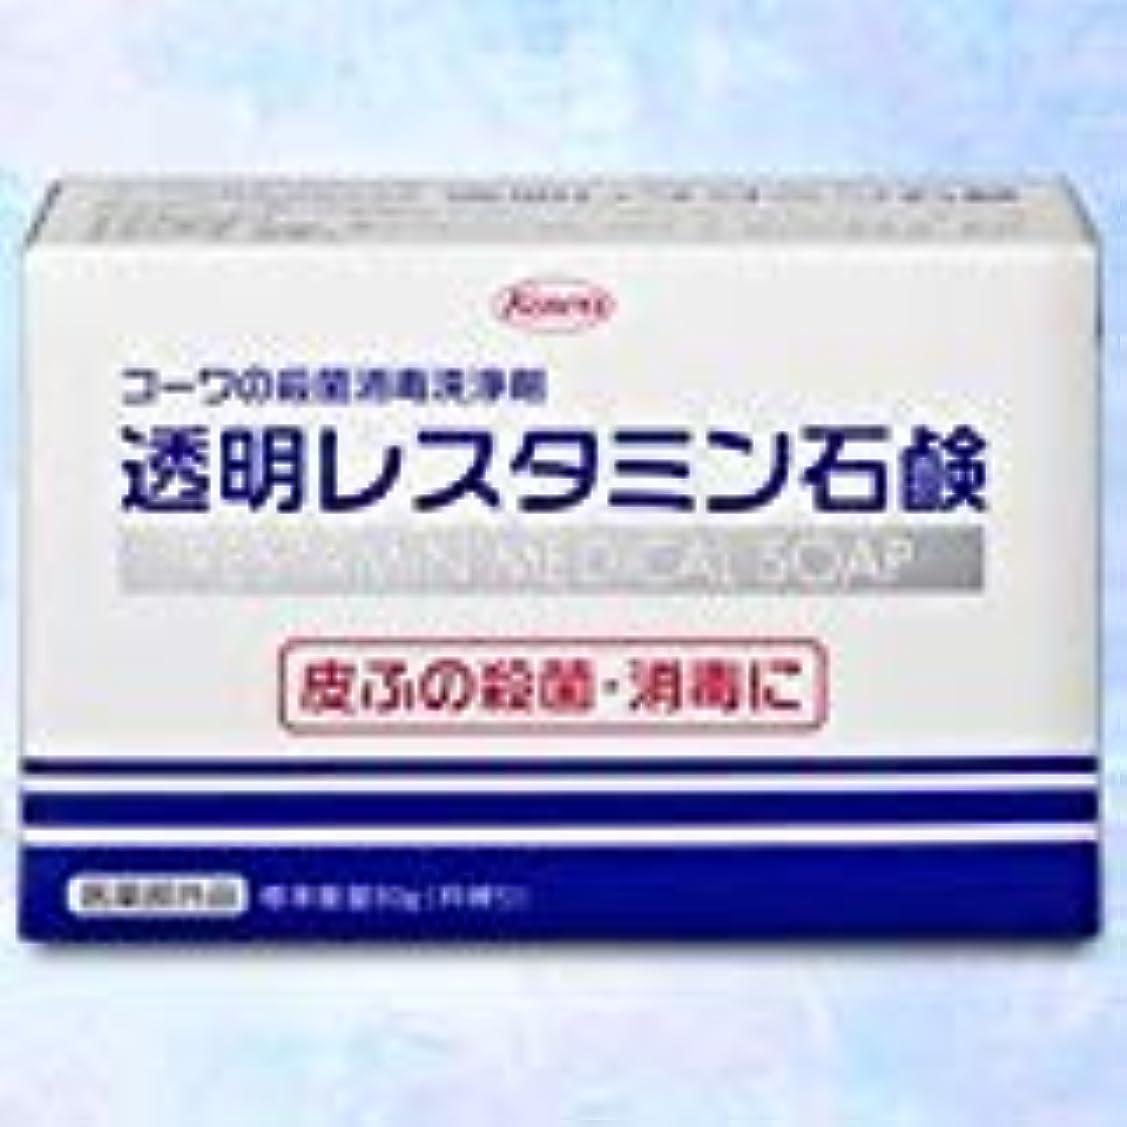 針強化する悲しい【興和】コーワの殺菌消毒洗浄剤「透明レスタミン石鹸」80g(医薬部外品) ×3個セット